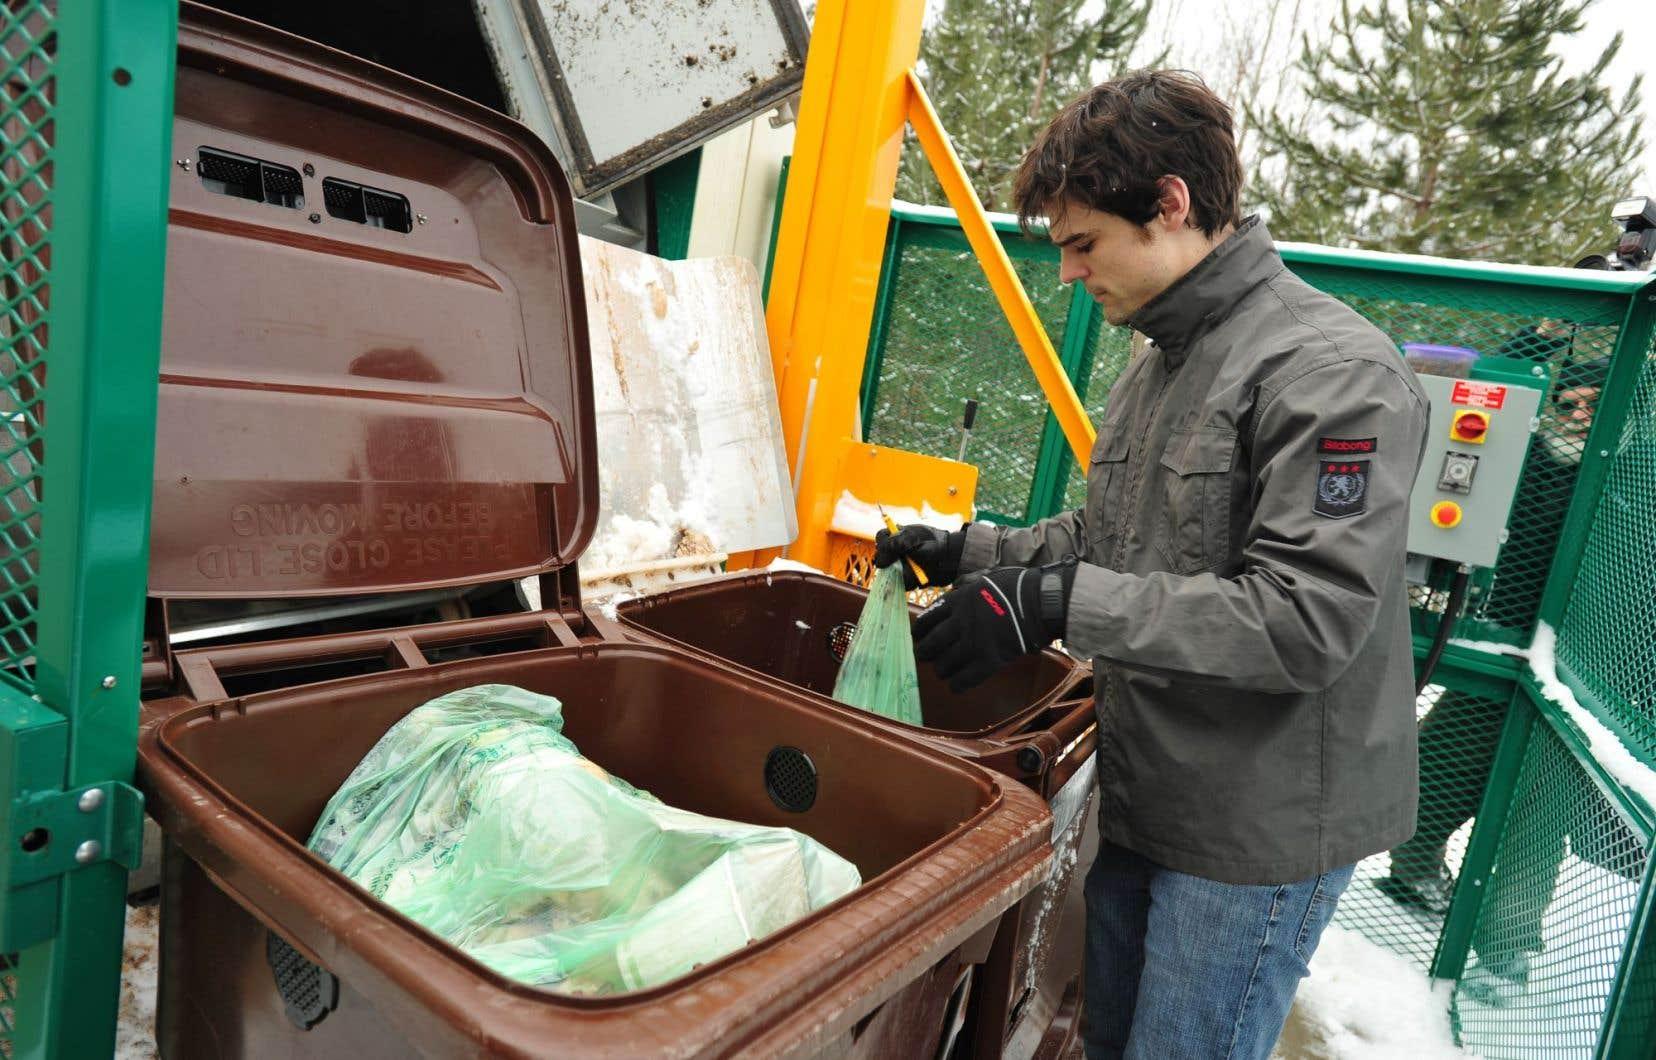 En réalisant ses activités de compostage sur place, l'Université de Sherbrooke intègre complètement la gestion des matières compostables, allant de la collecte au compostage des résidus organiques et de la vaisselle compostable, jusqu'à l'utilisation du compost en interne (photo ci-dessous, dans le texte).